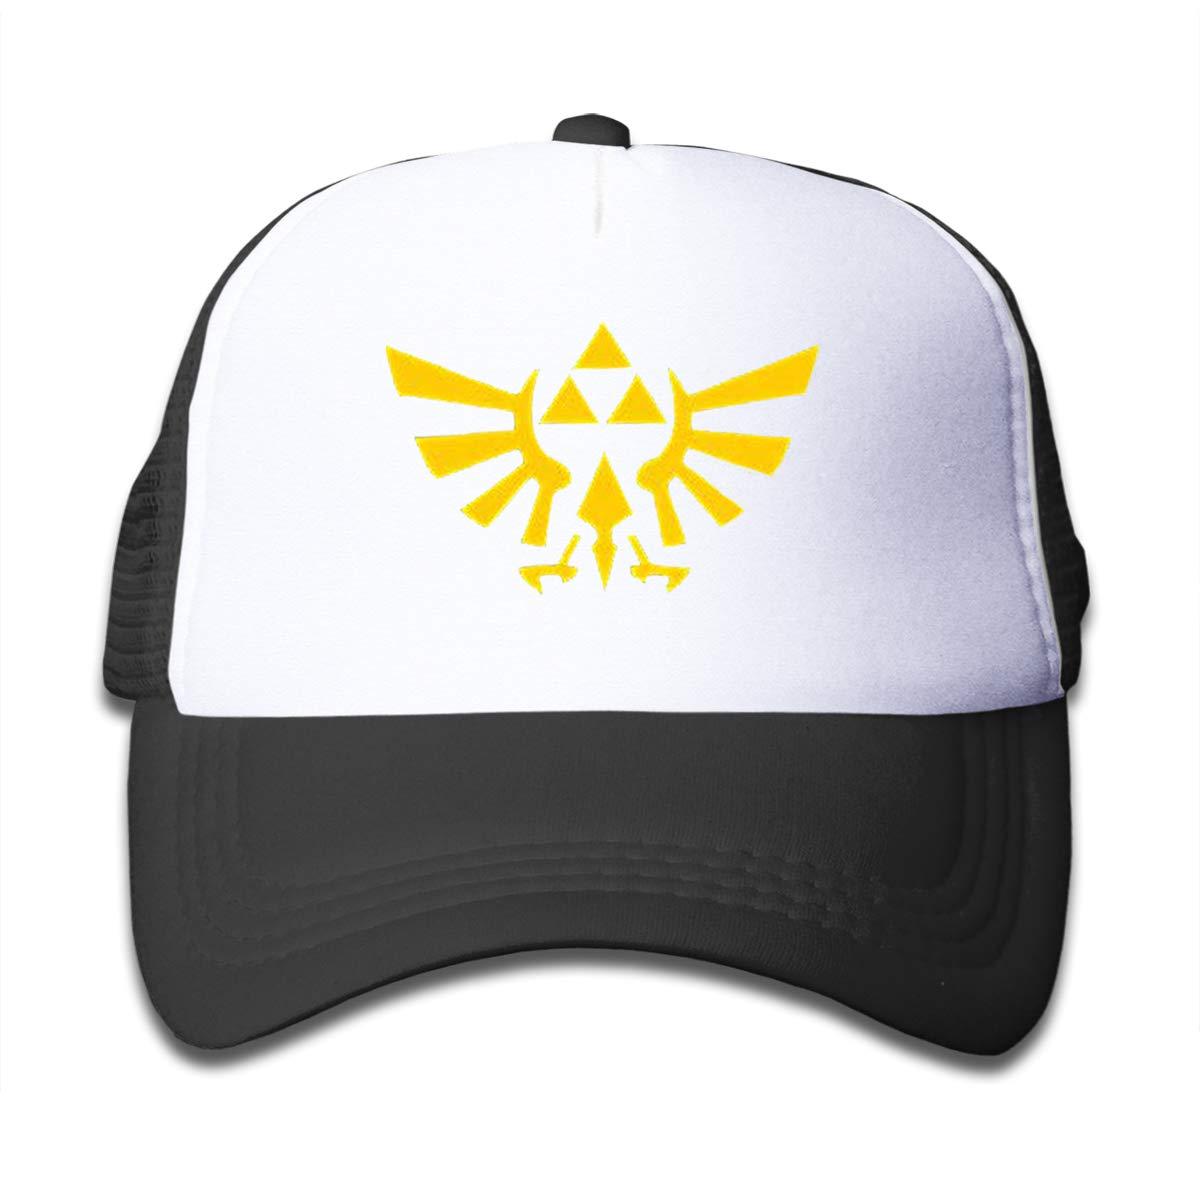 42a761f41 Head Space The Legend Of Zelda Children's Trucker Hats